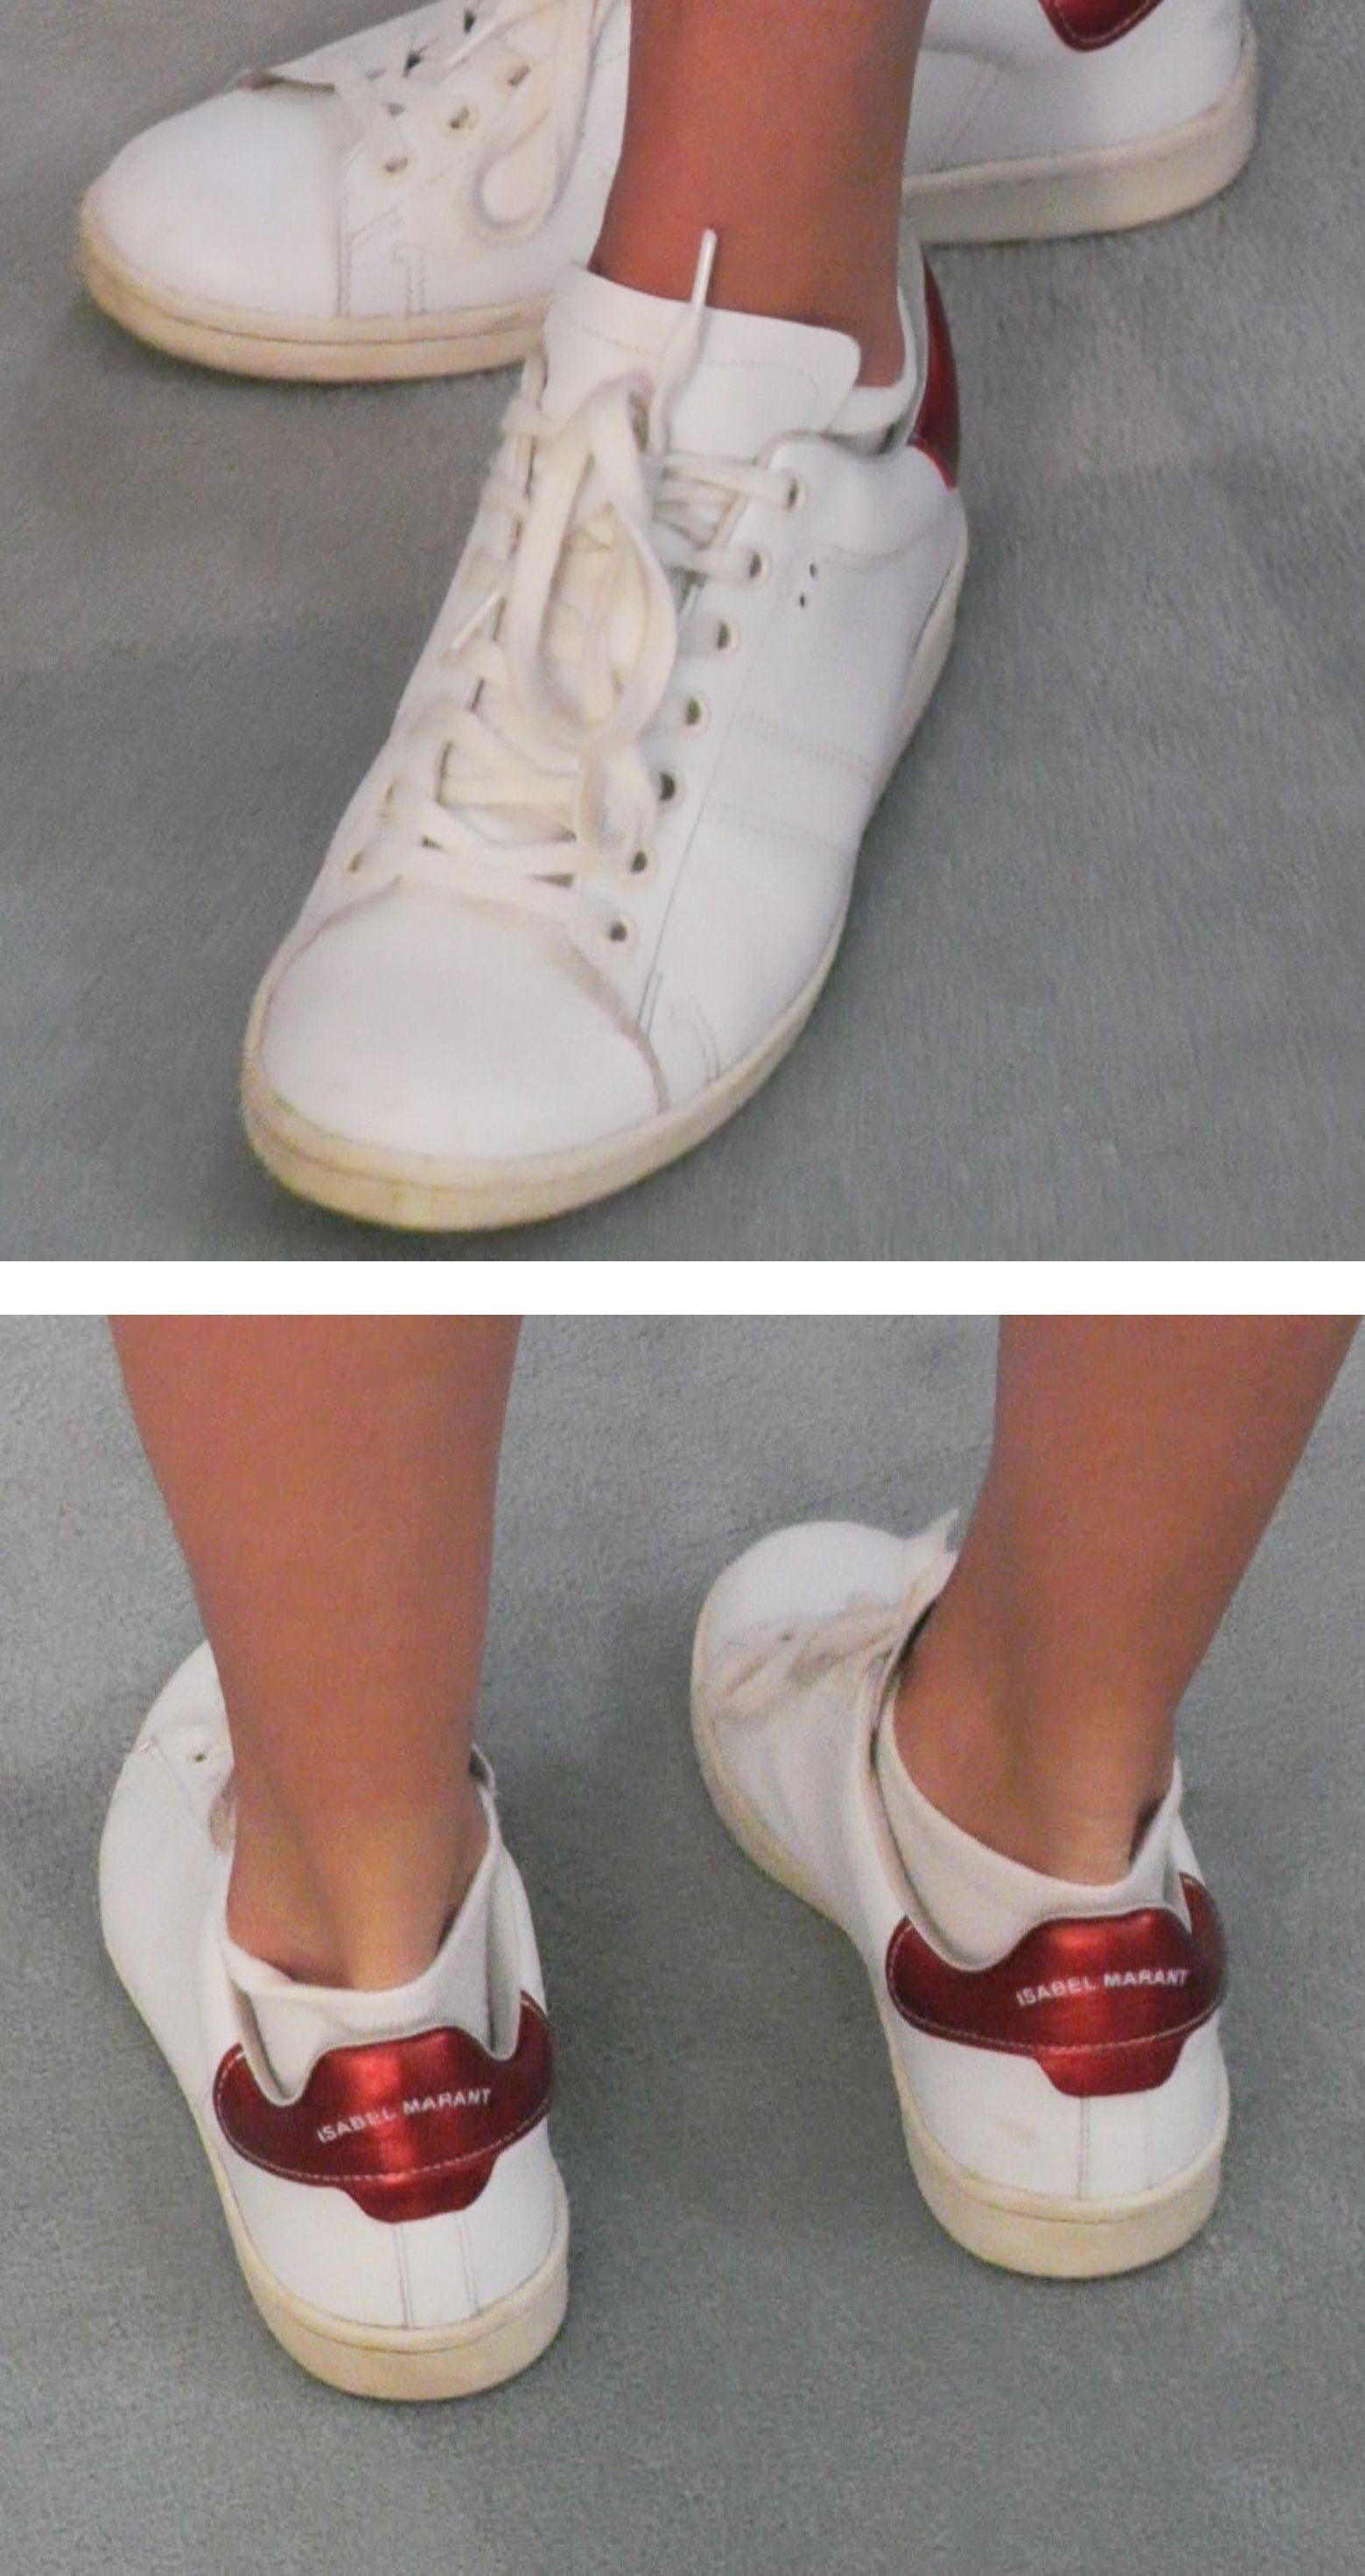 Shoe fetish finder